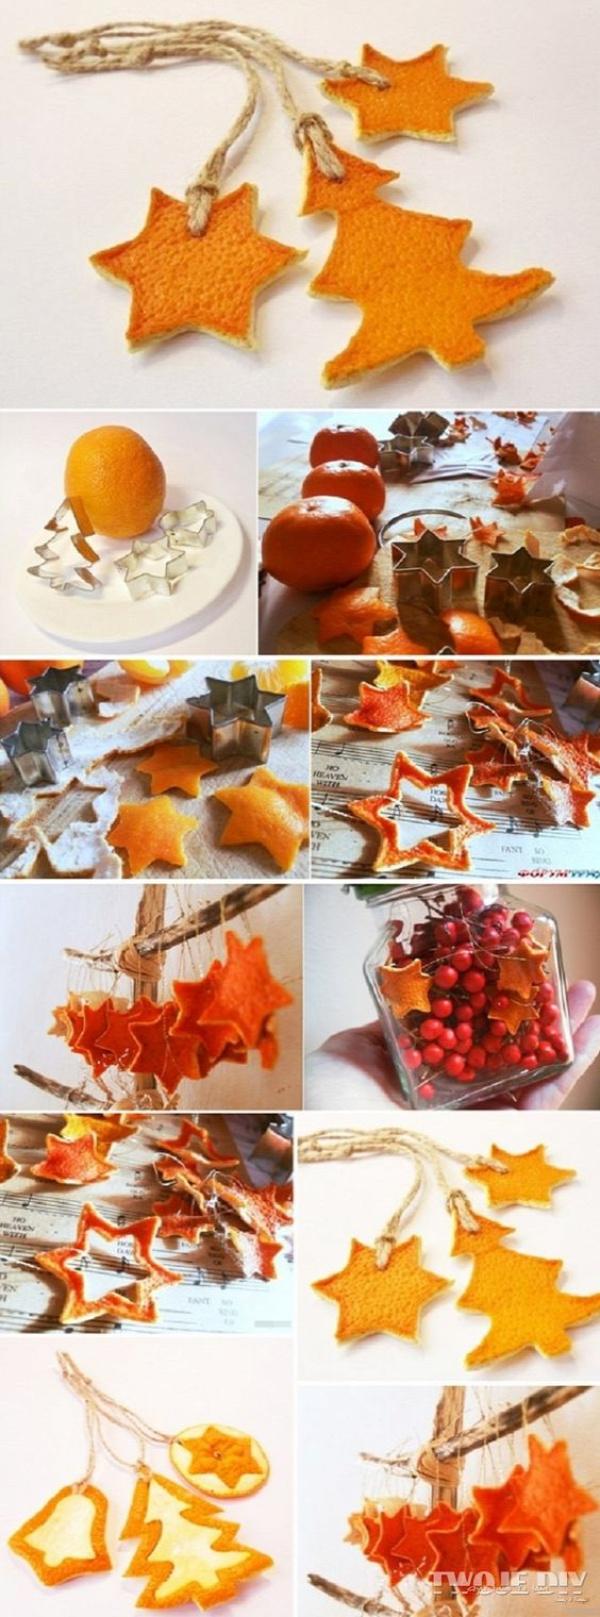 karácsony narancshéj narancshéj dekoráció